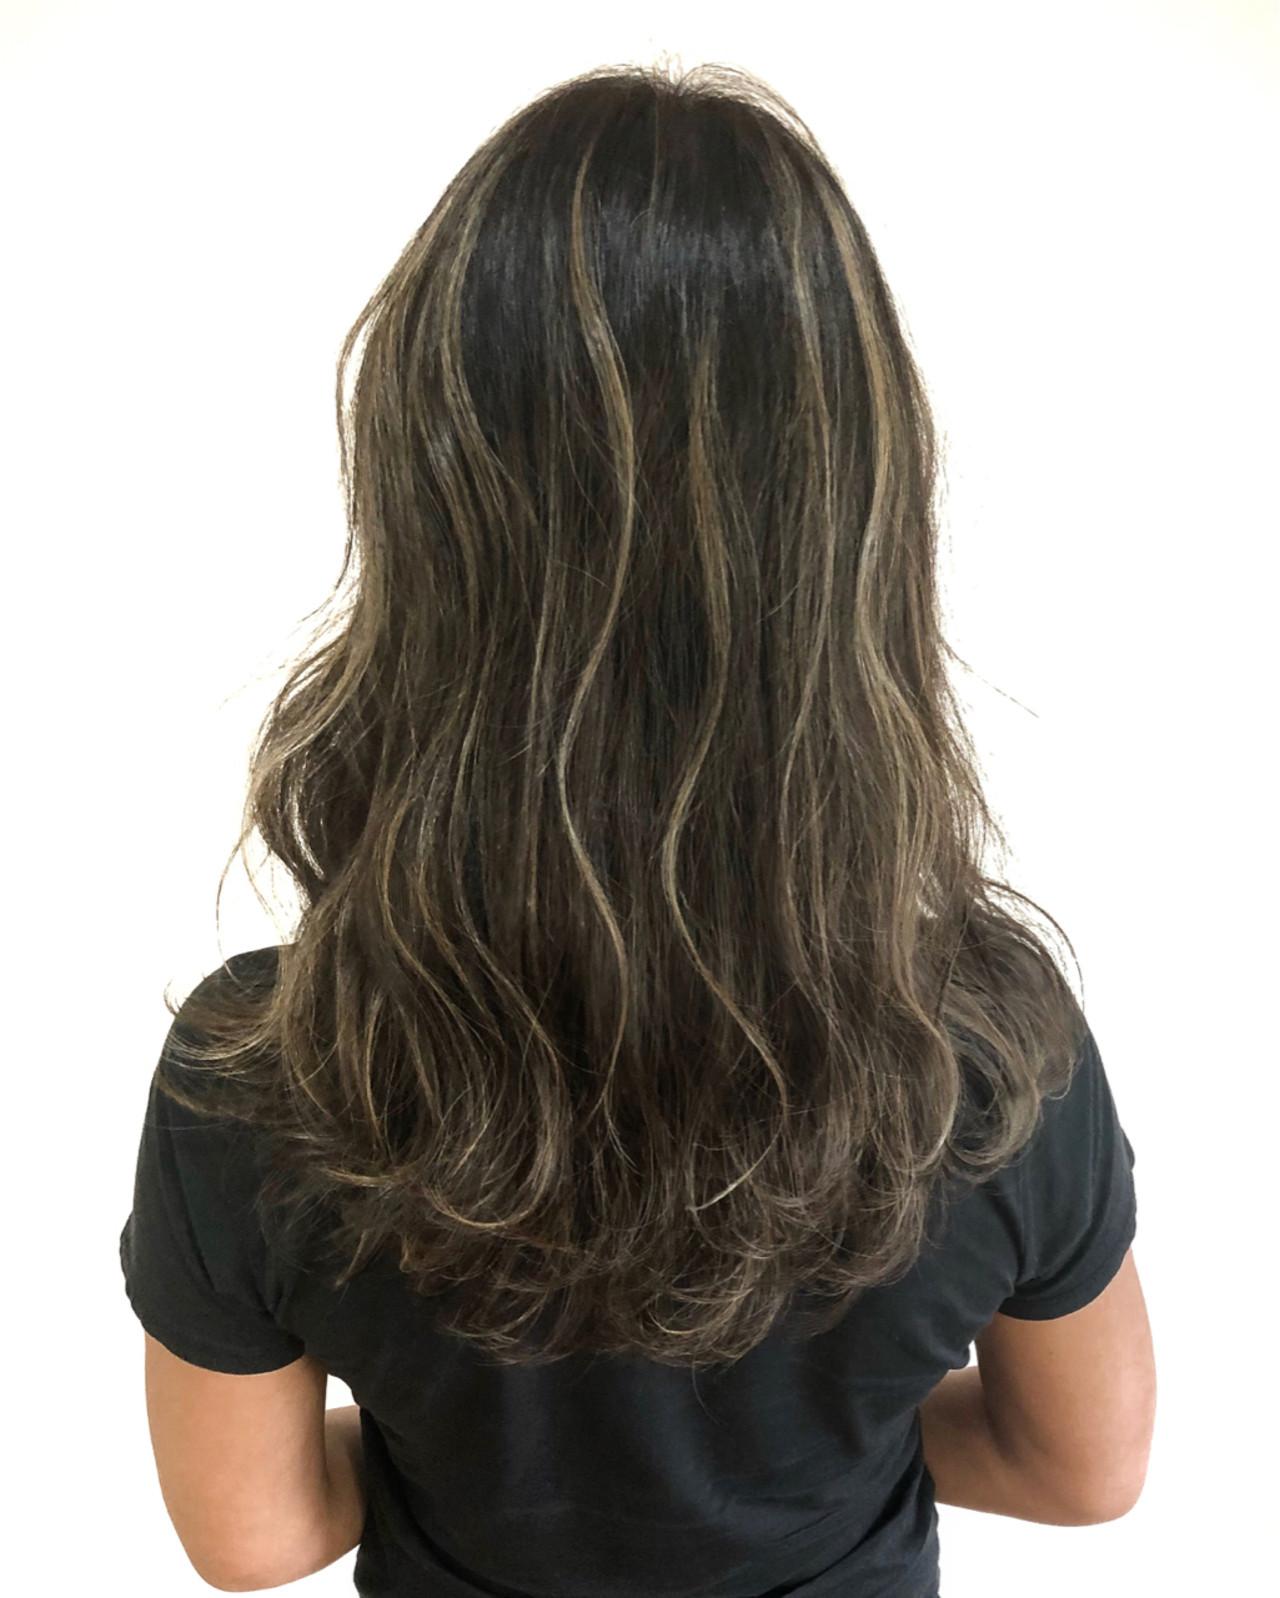 外国人風 ミディアム フェミニン ハイライト ヘアスタイルや髪型の写真・画像